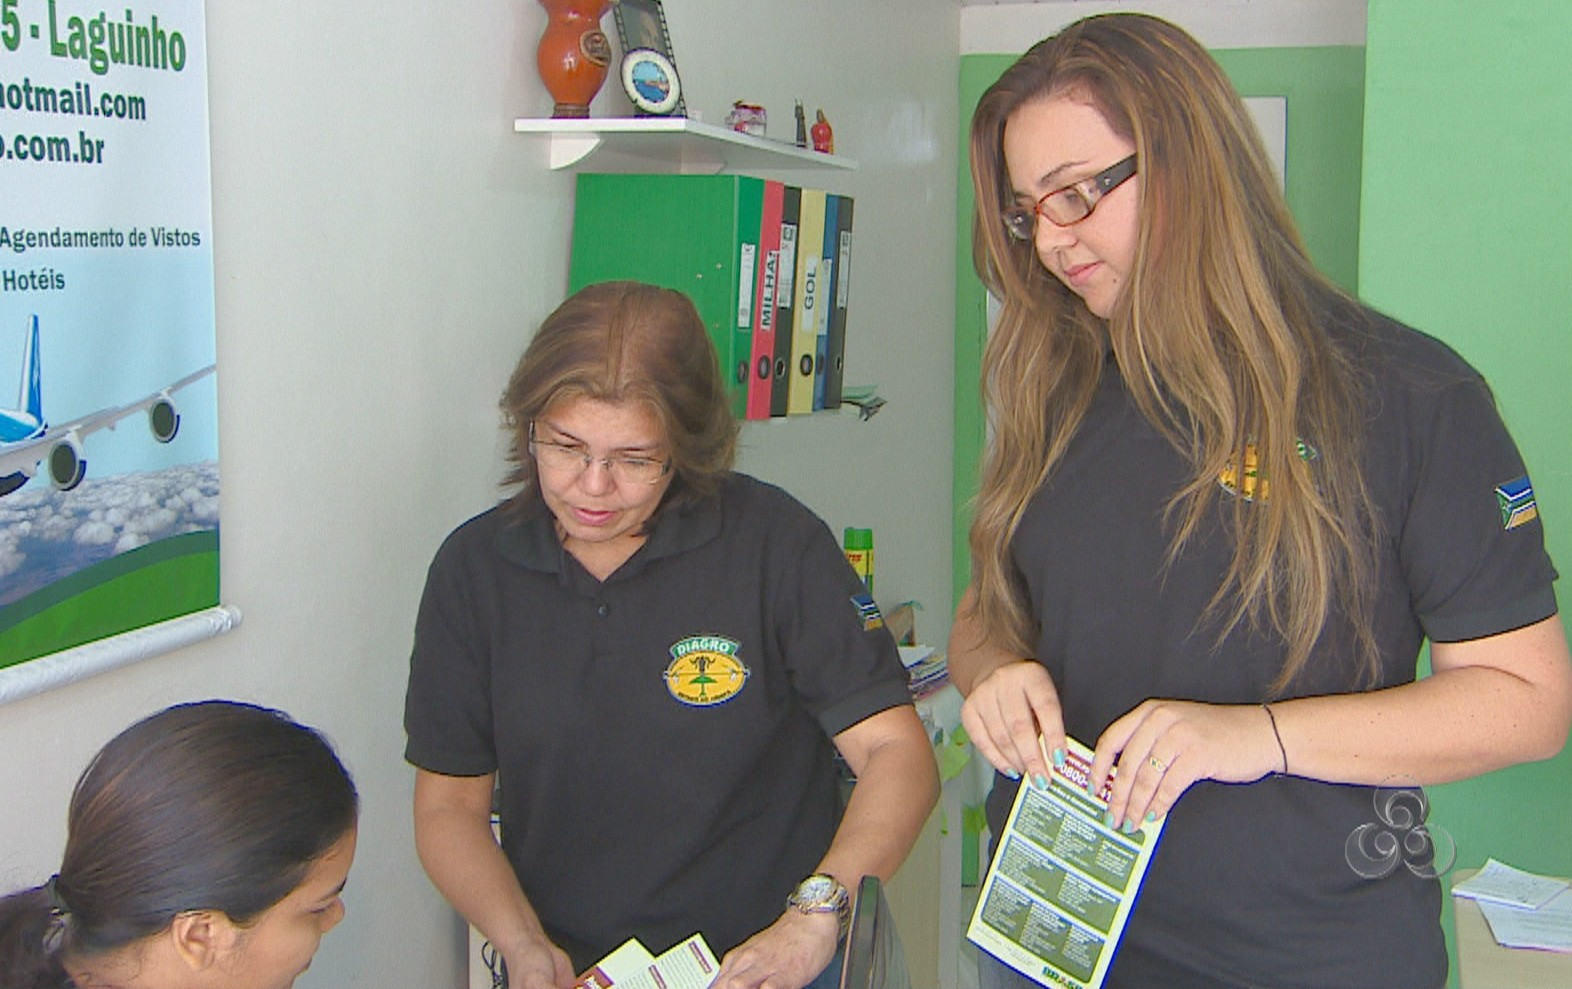 Equipe da Diagro/AP visitando agência de viagem para orientações (Foto: Reprodução TV Amapá)